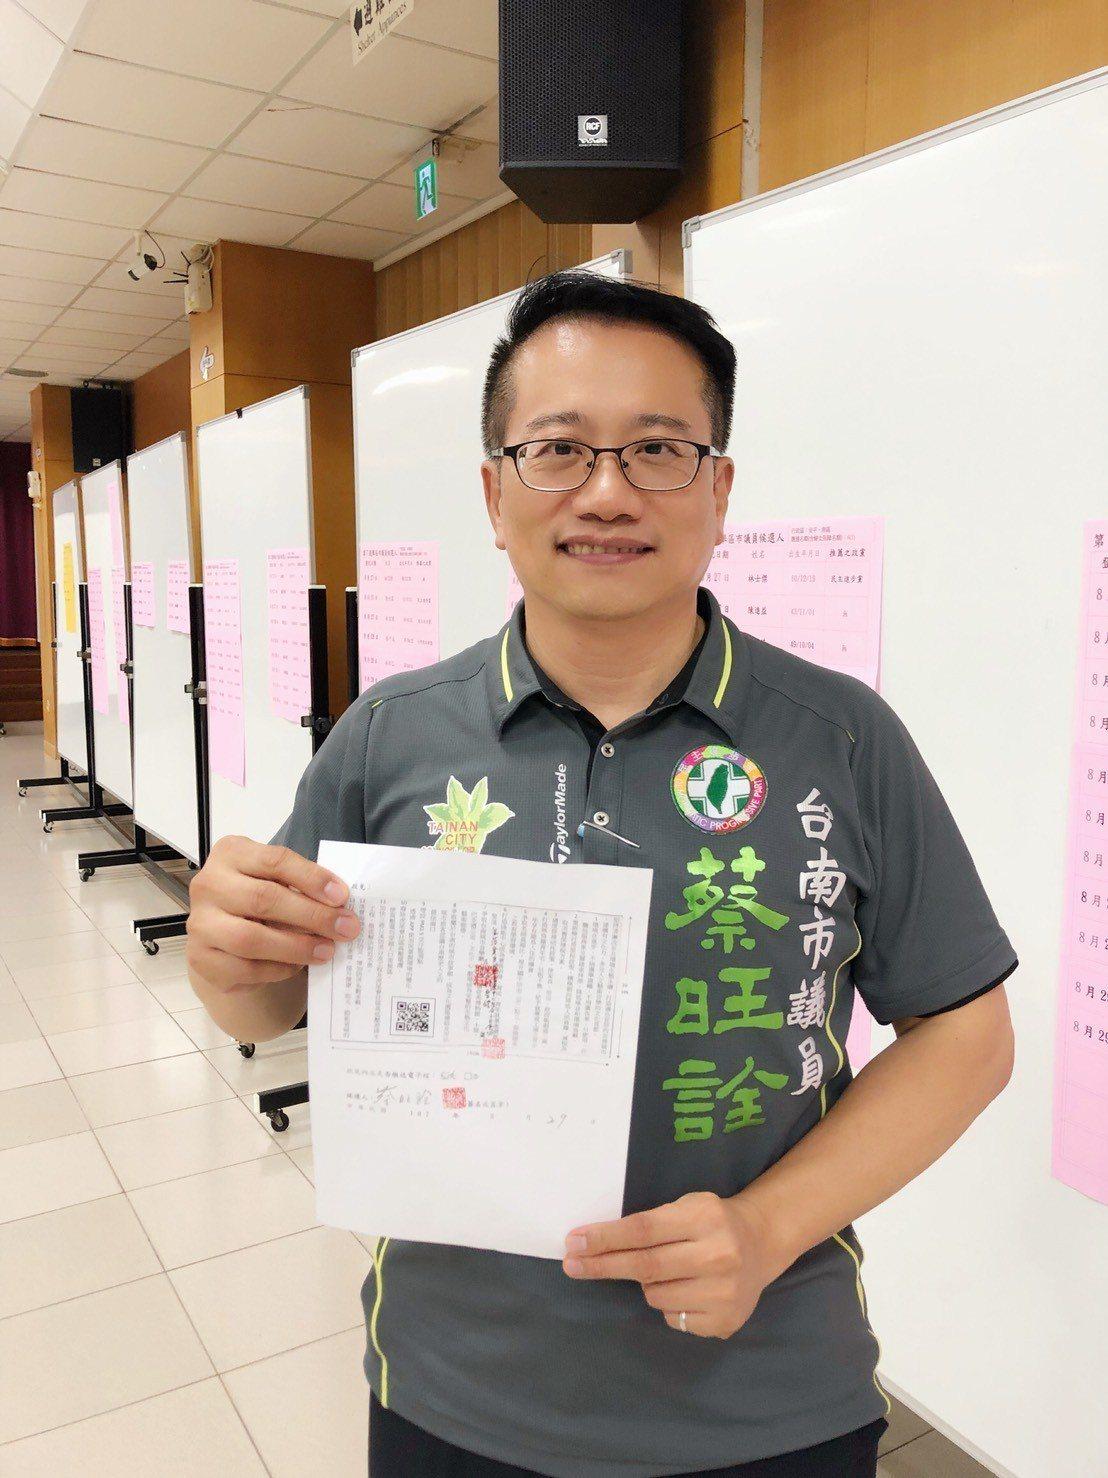 台南市議員蔡旺詮競選連任,他將「清浄家園,不插競選旗幟,不用廣告車」的主要政見放...